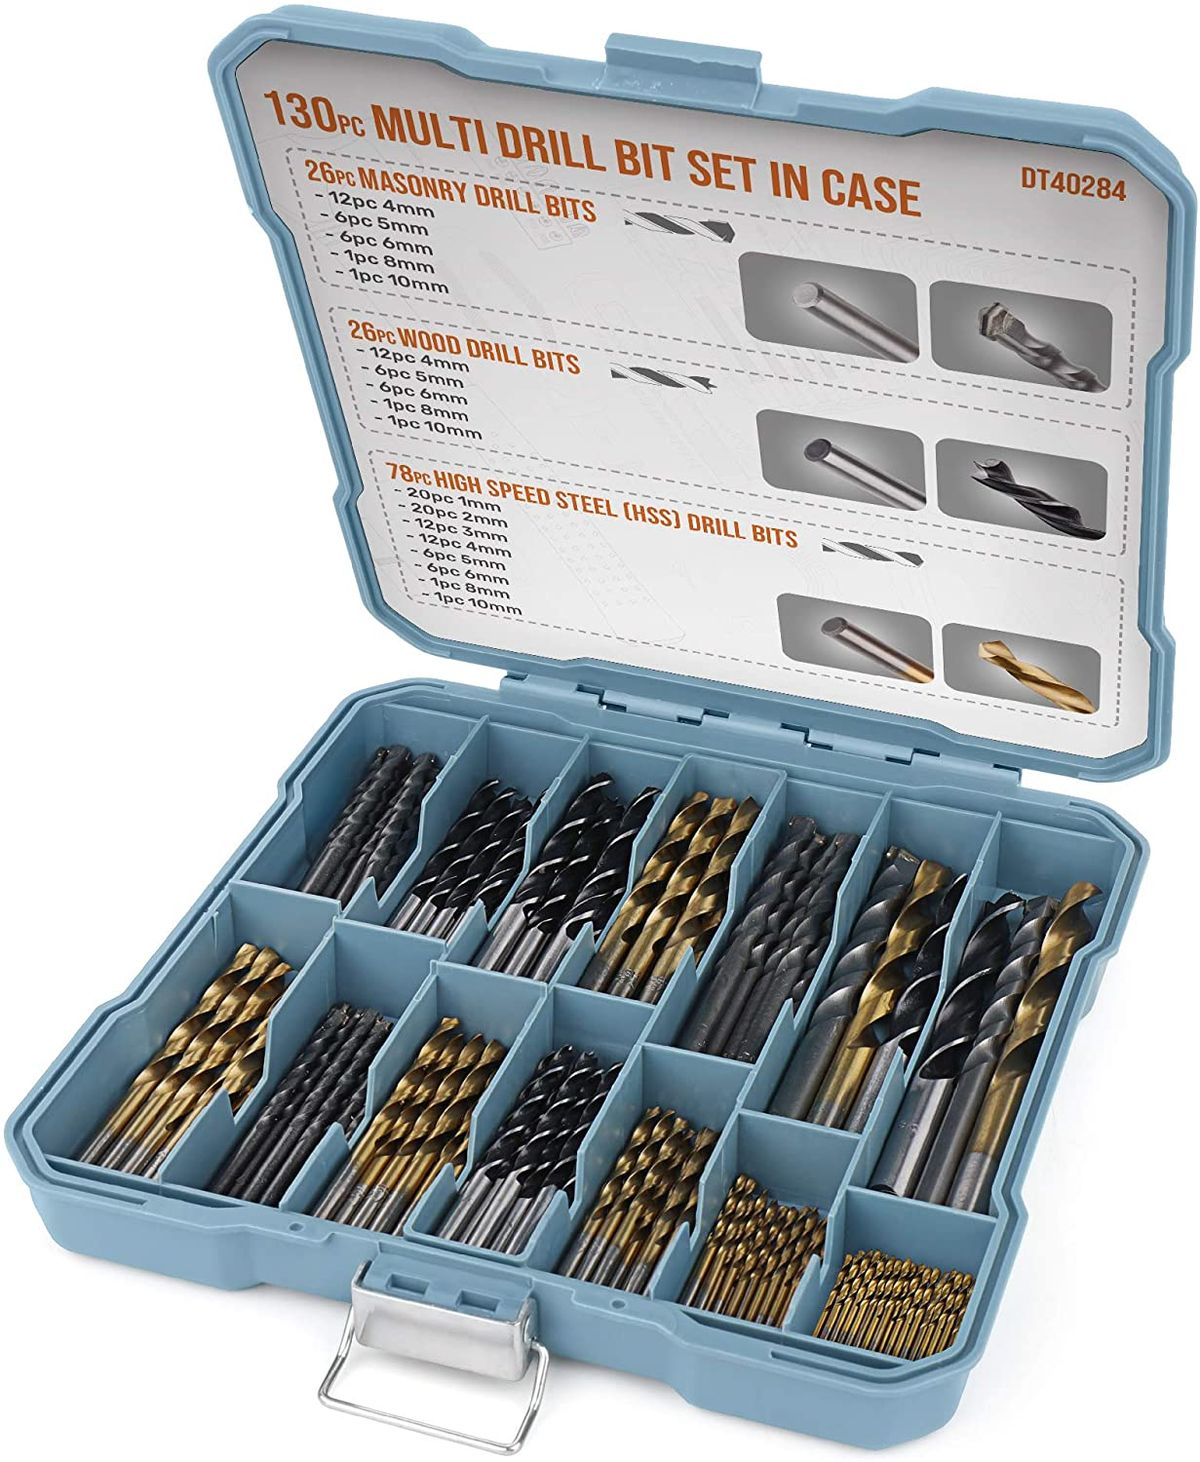 Hi-Spec Drill-Bit-Set Power-Tool-Accessories Masonary-Drill Woodworking Metal Plastic